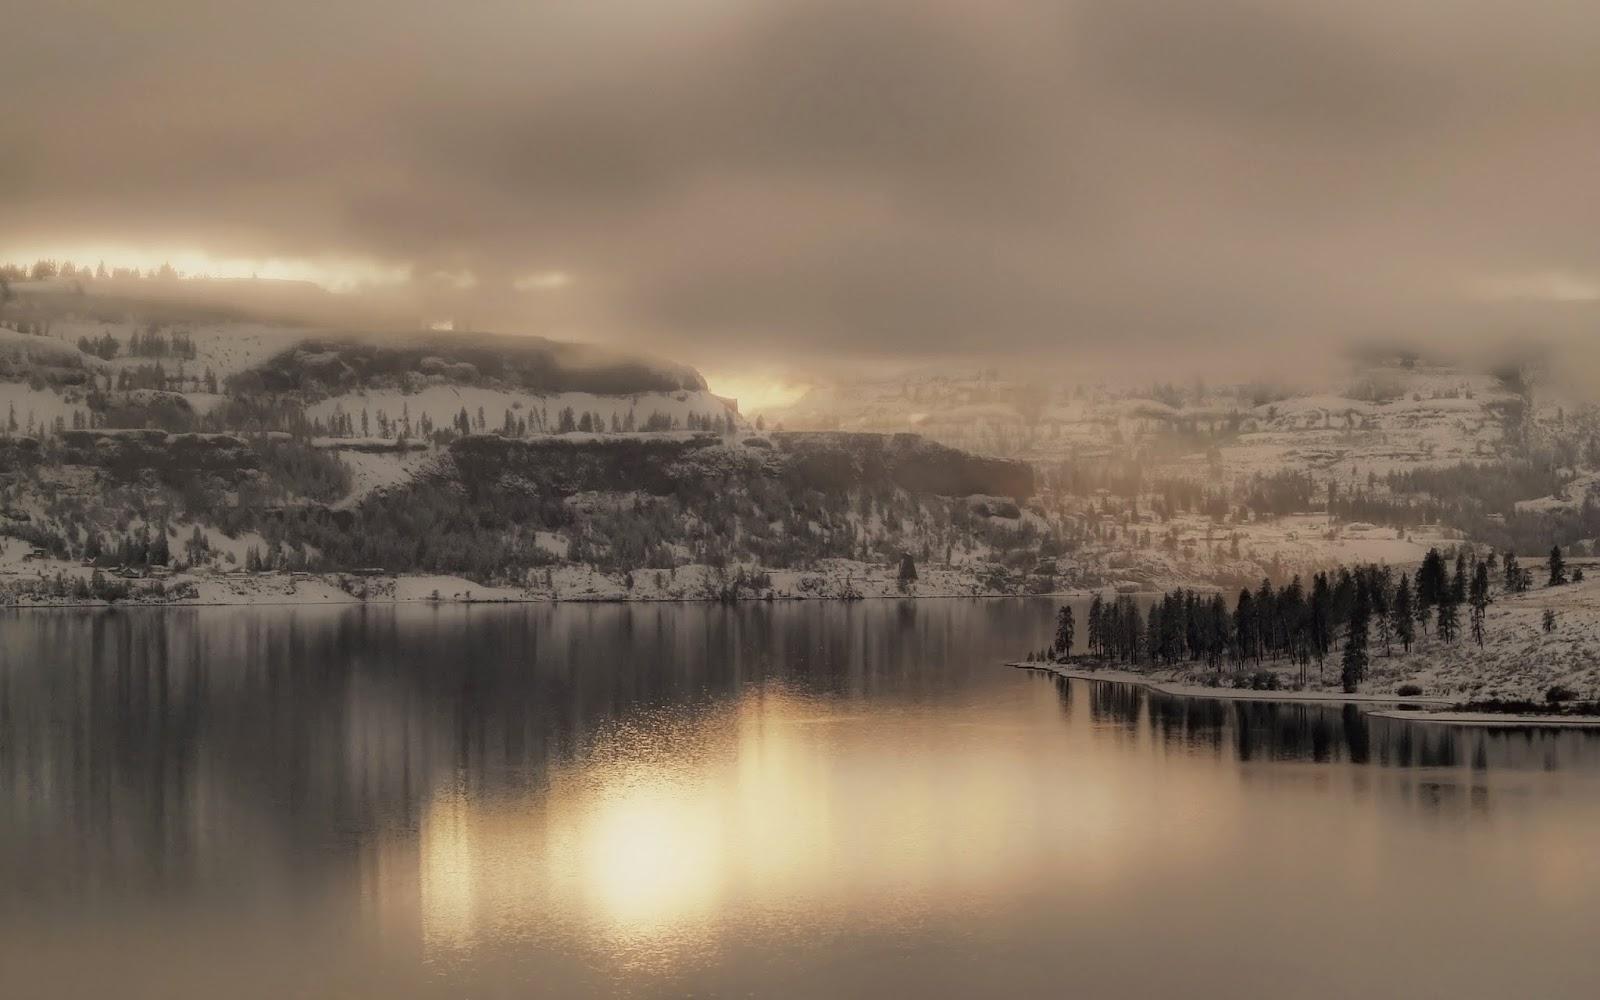 Fog in Mountain HD Wallpaper